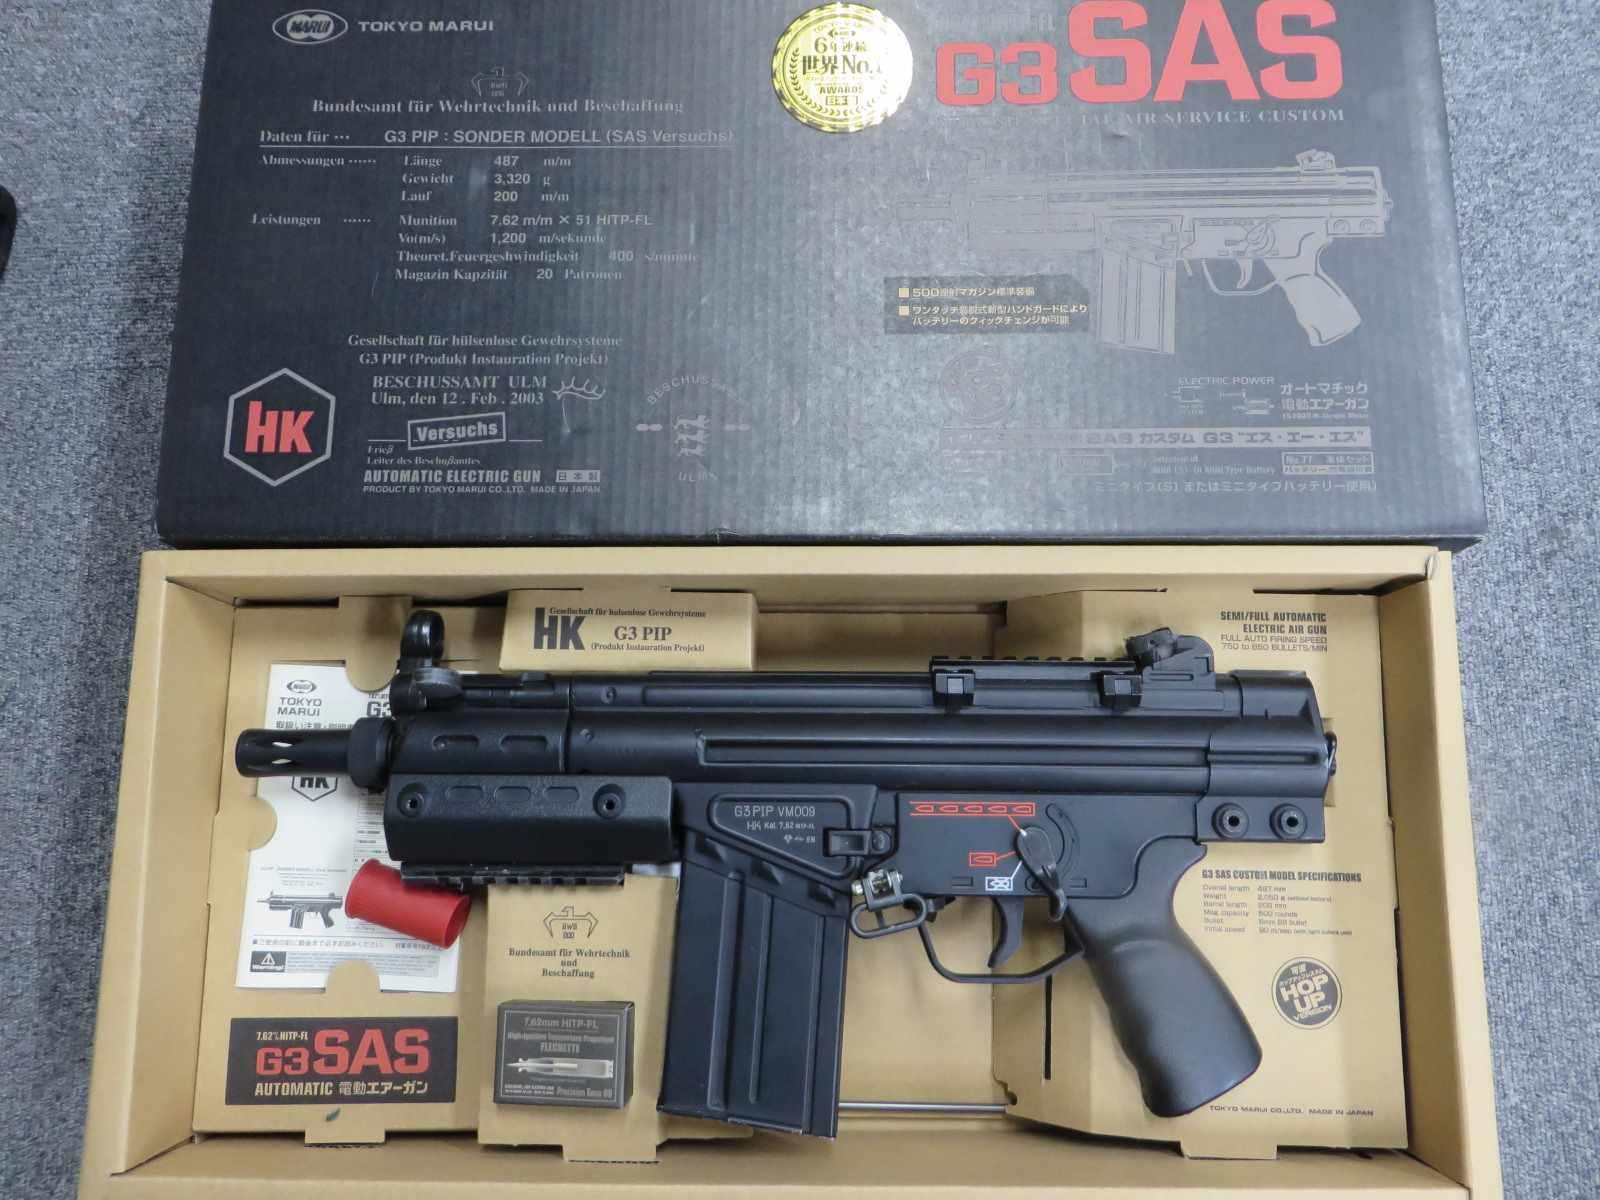 【東京マルイ】H&K G3 SAS / マウント・スリングアダプター